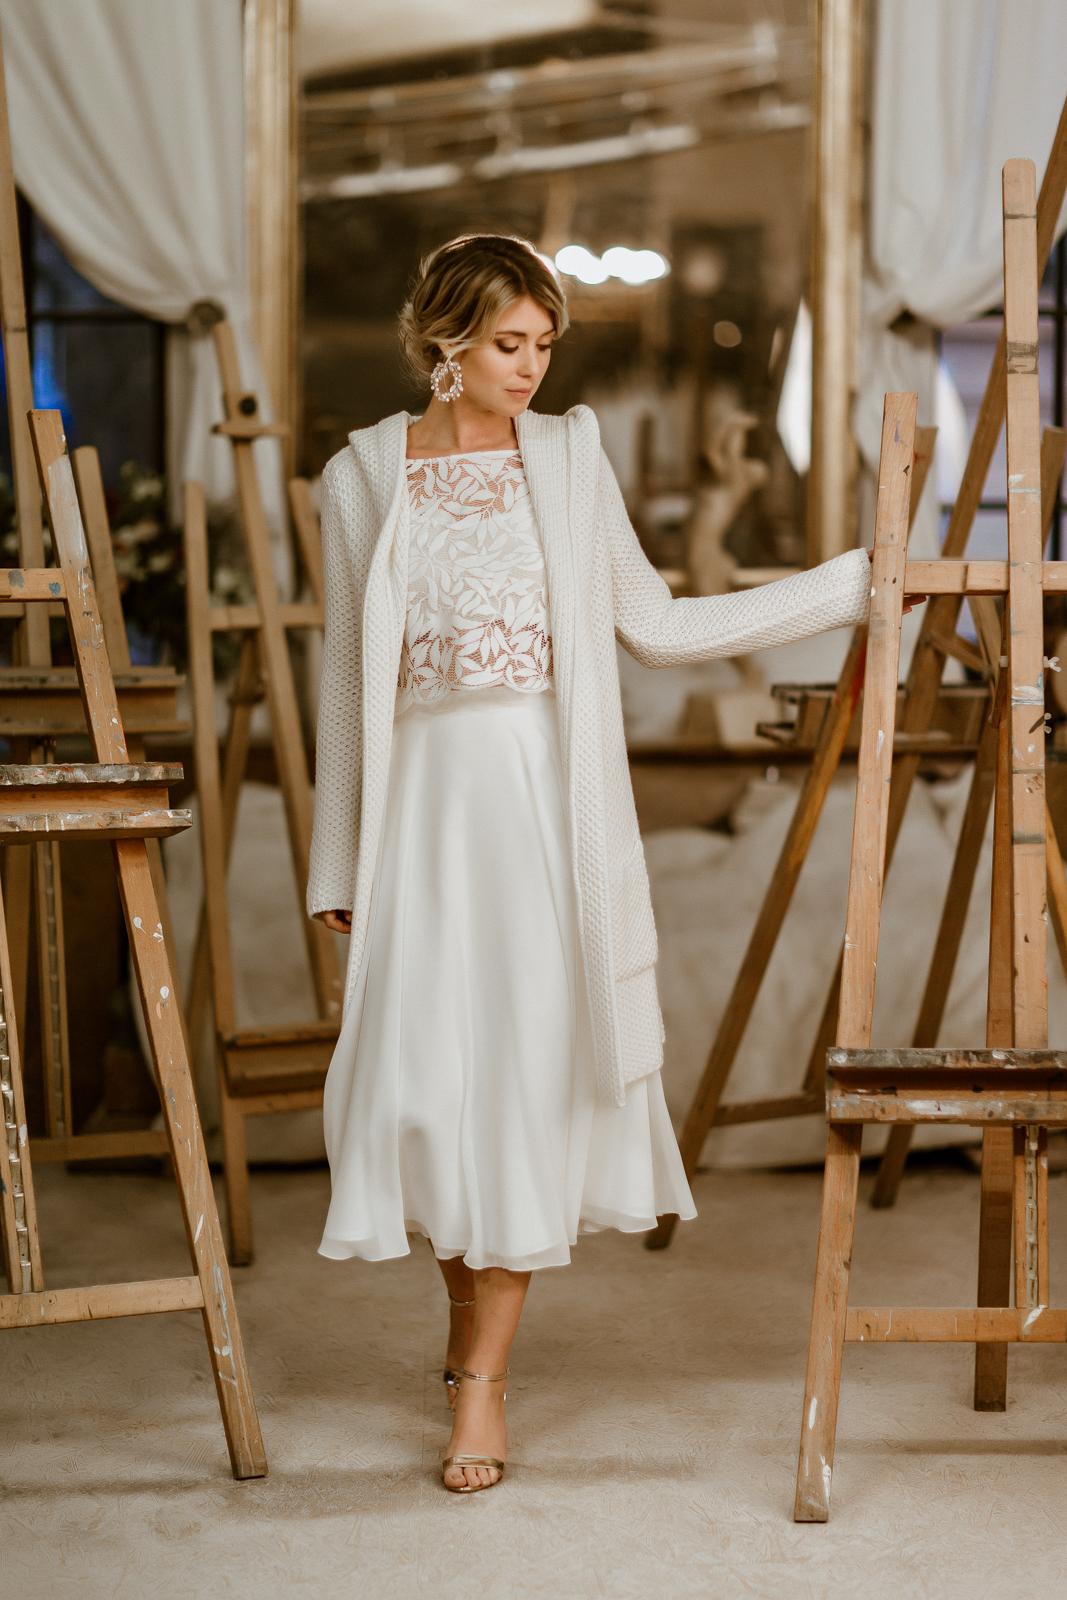 Leichter Brautmantel aus Strick mit Kapuze zum Midi-Brautkleid, frontale Ganzkörperansicht